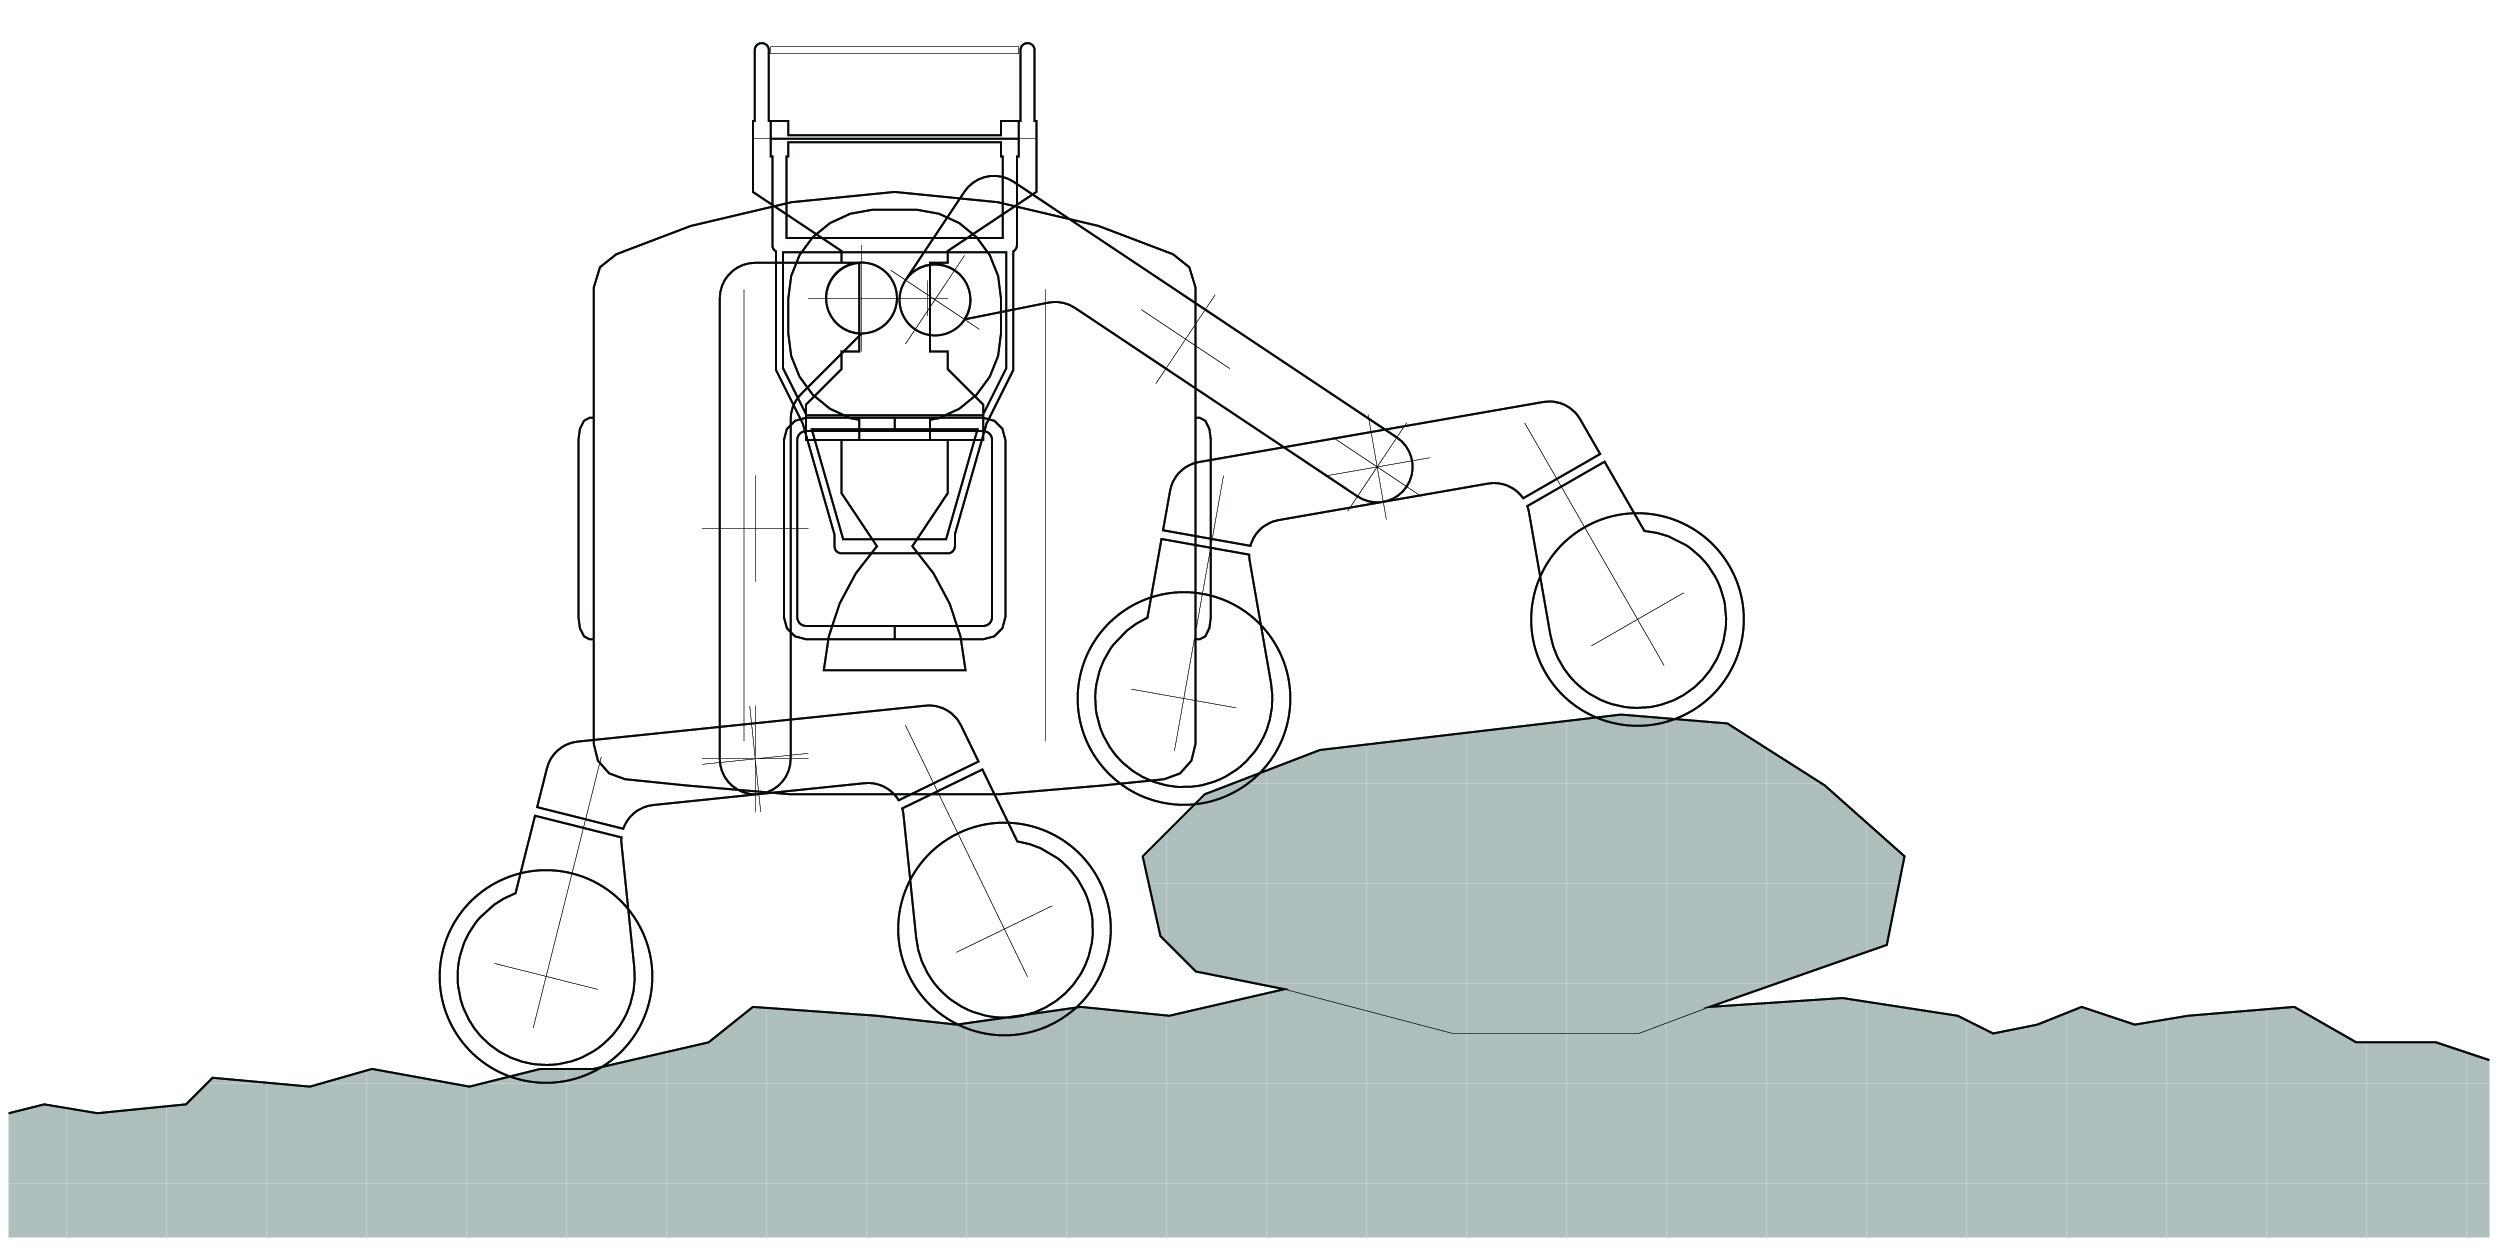 Progetto Per Lassemblaggio Di Una Base Lunare Mobile Modulare Name R F1generic Light Wiring Diagramjpgviews 6387size 718 Kb Preview Size Publication